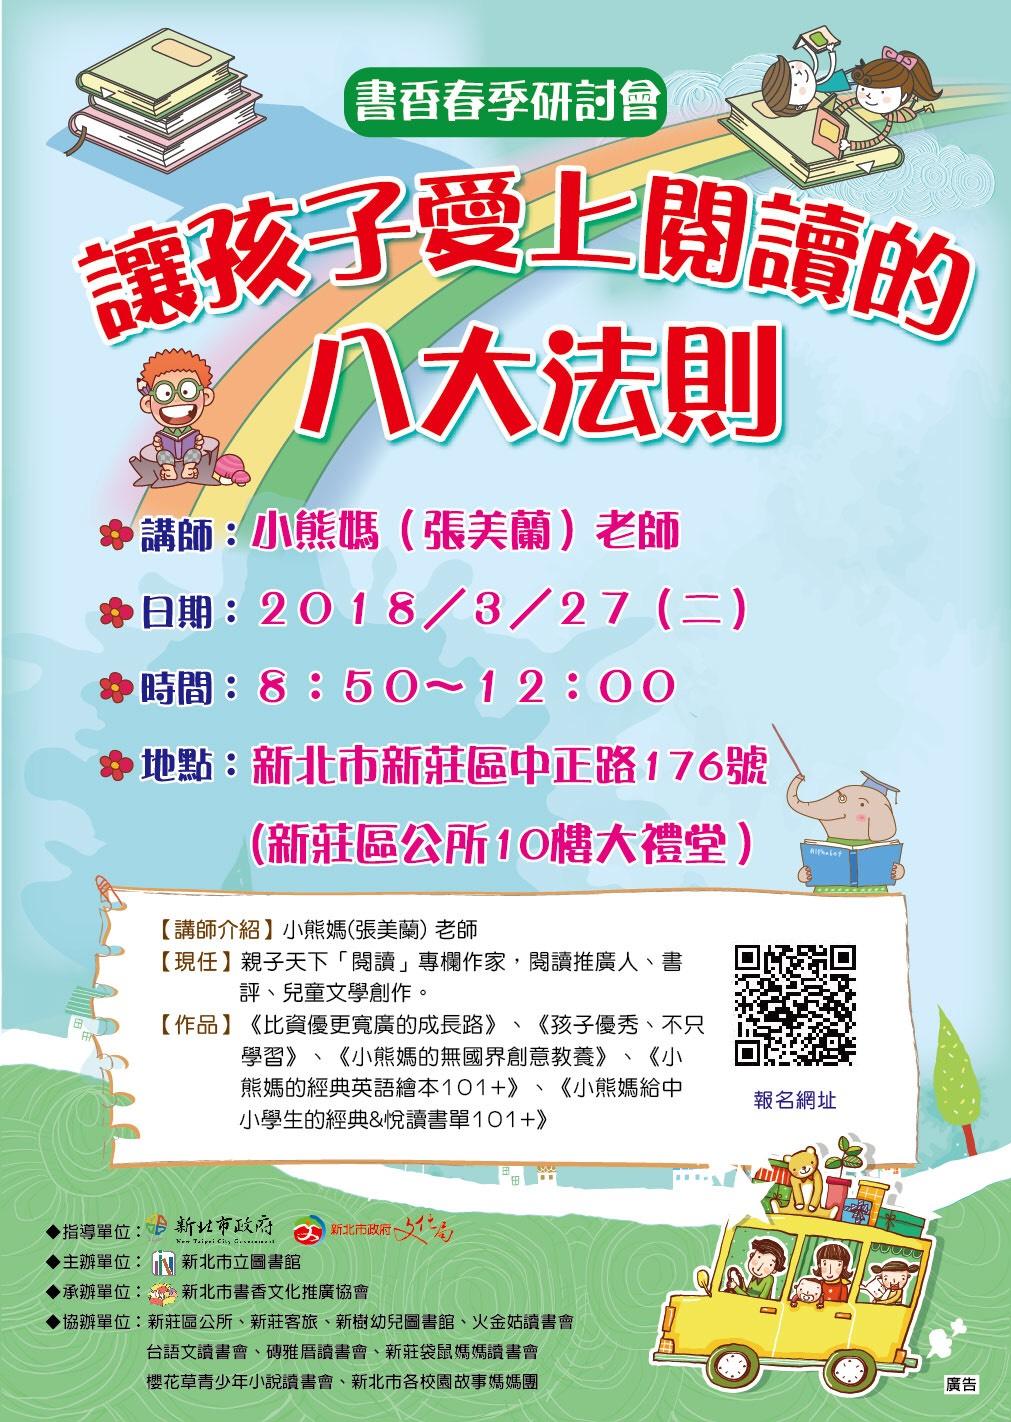 3/27書香文化推廣協會書香春季研討會